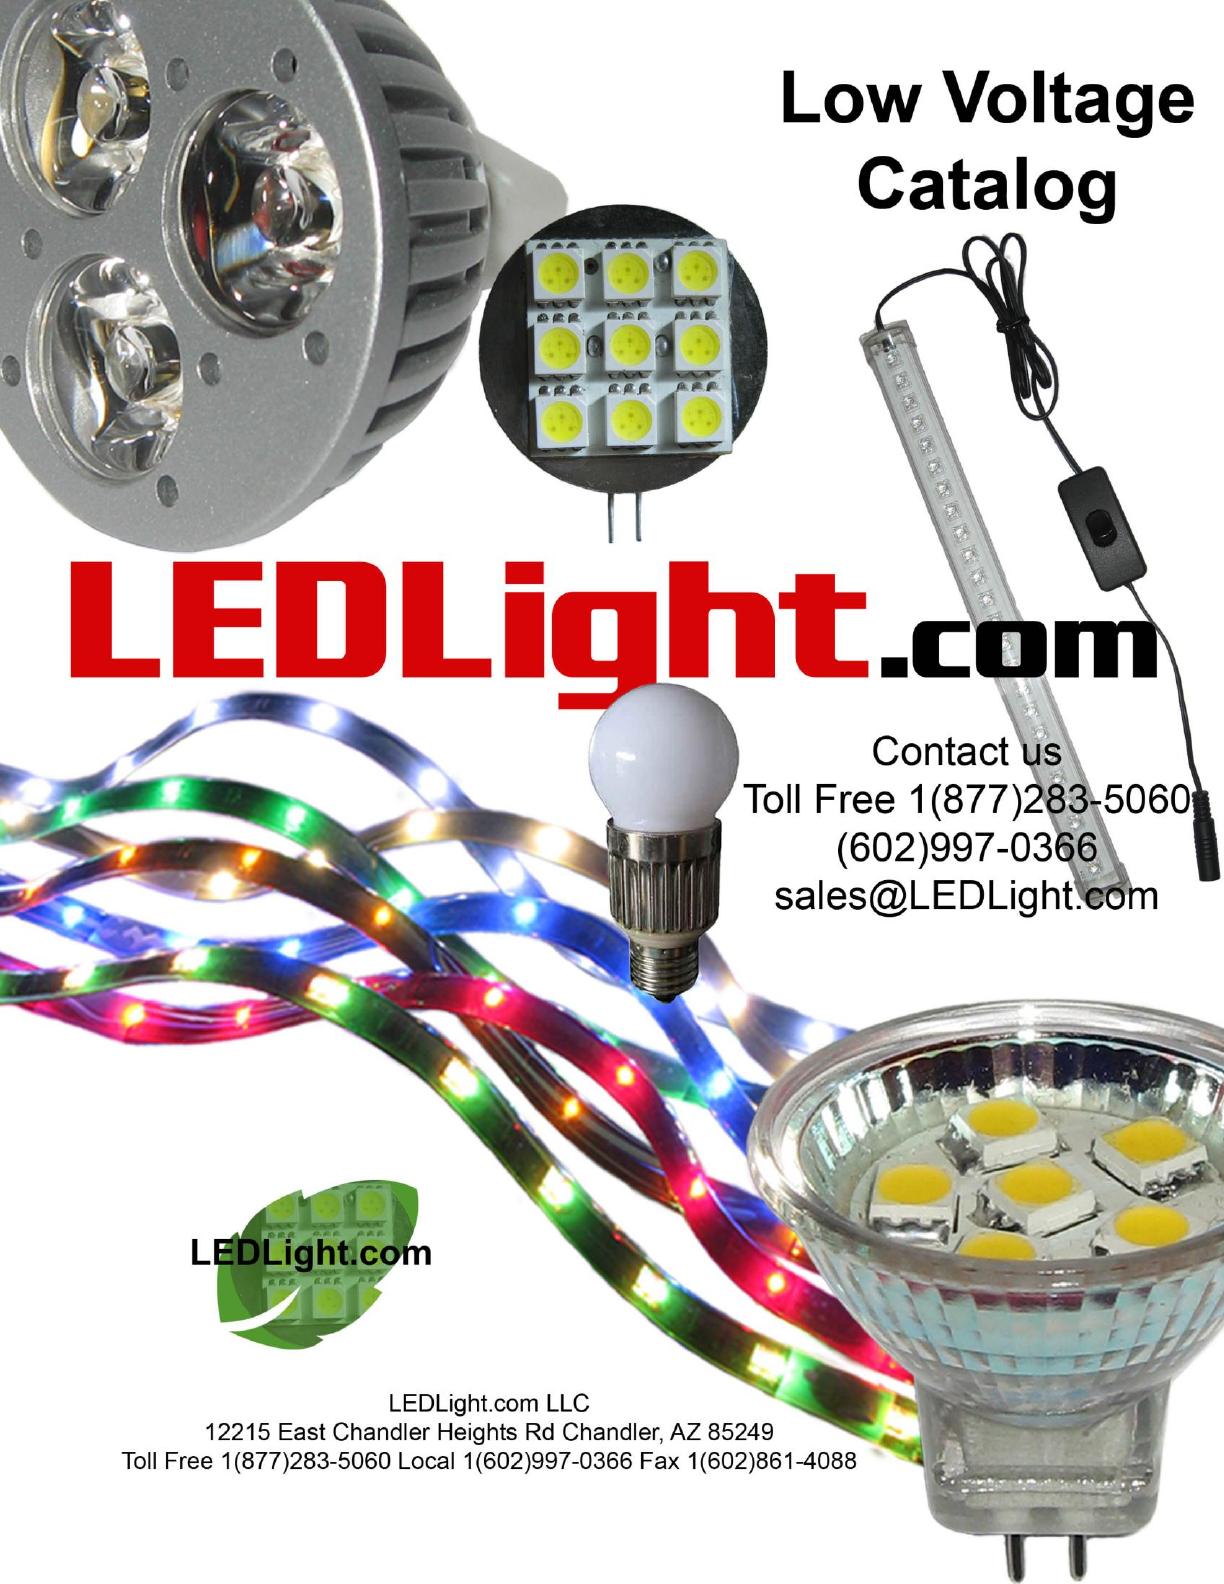 Led Light Ledlightcom Low Voltage 12v 6 12 Watt Fluorescent Tube Neon Lamp Inverter